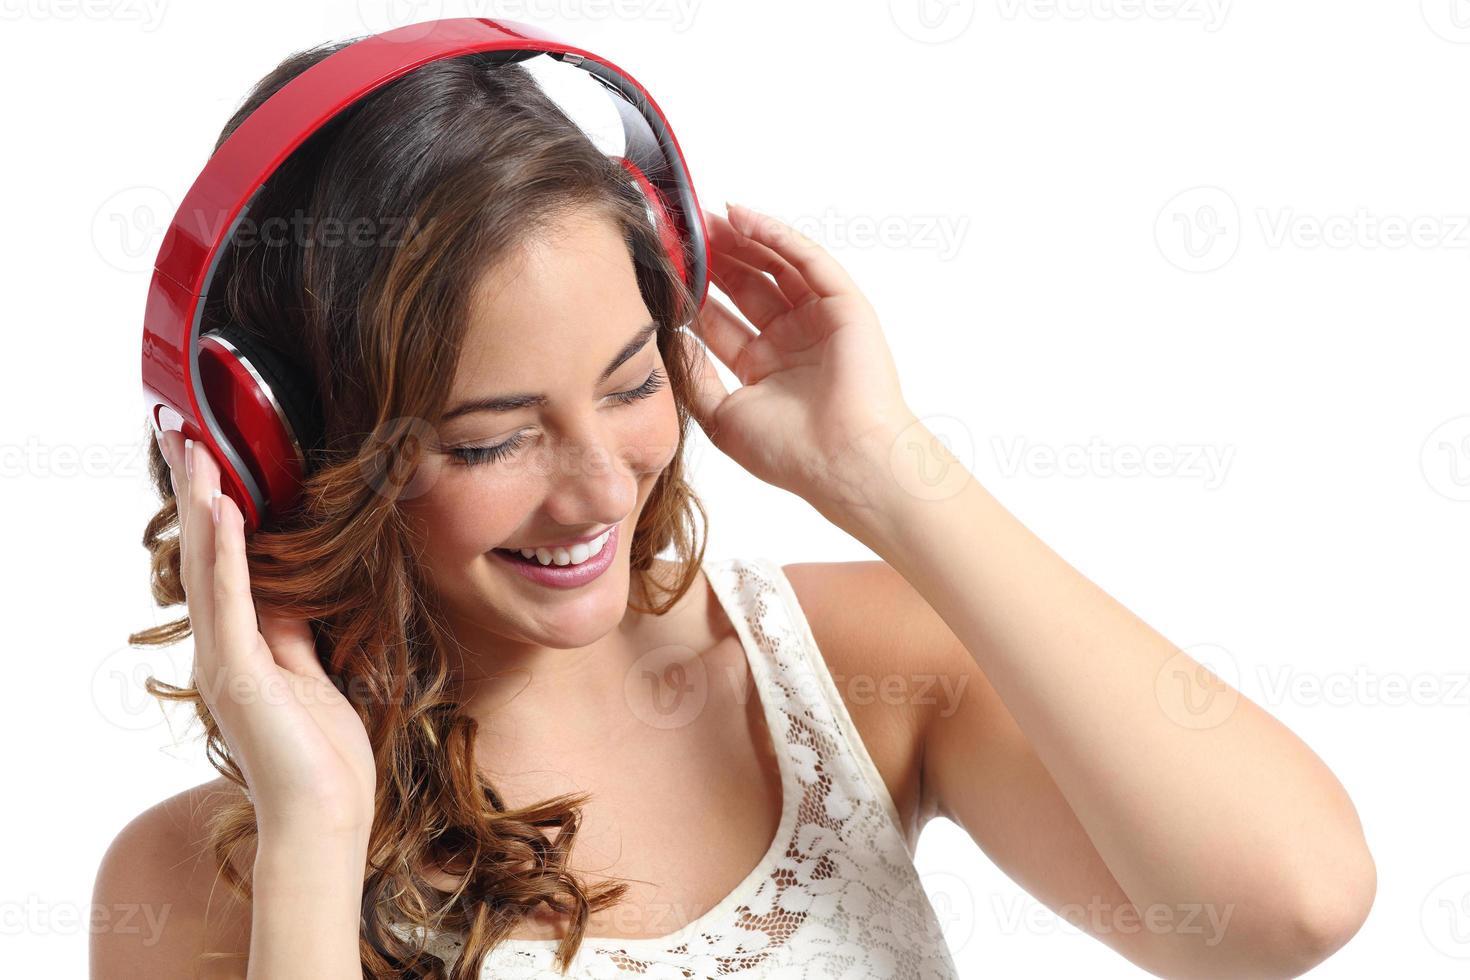 jonge vrouw gelukkig genieten van het luisteren naar de muziek van de koptelefoon foto